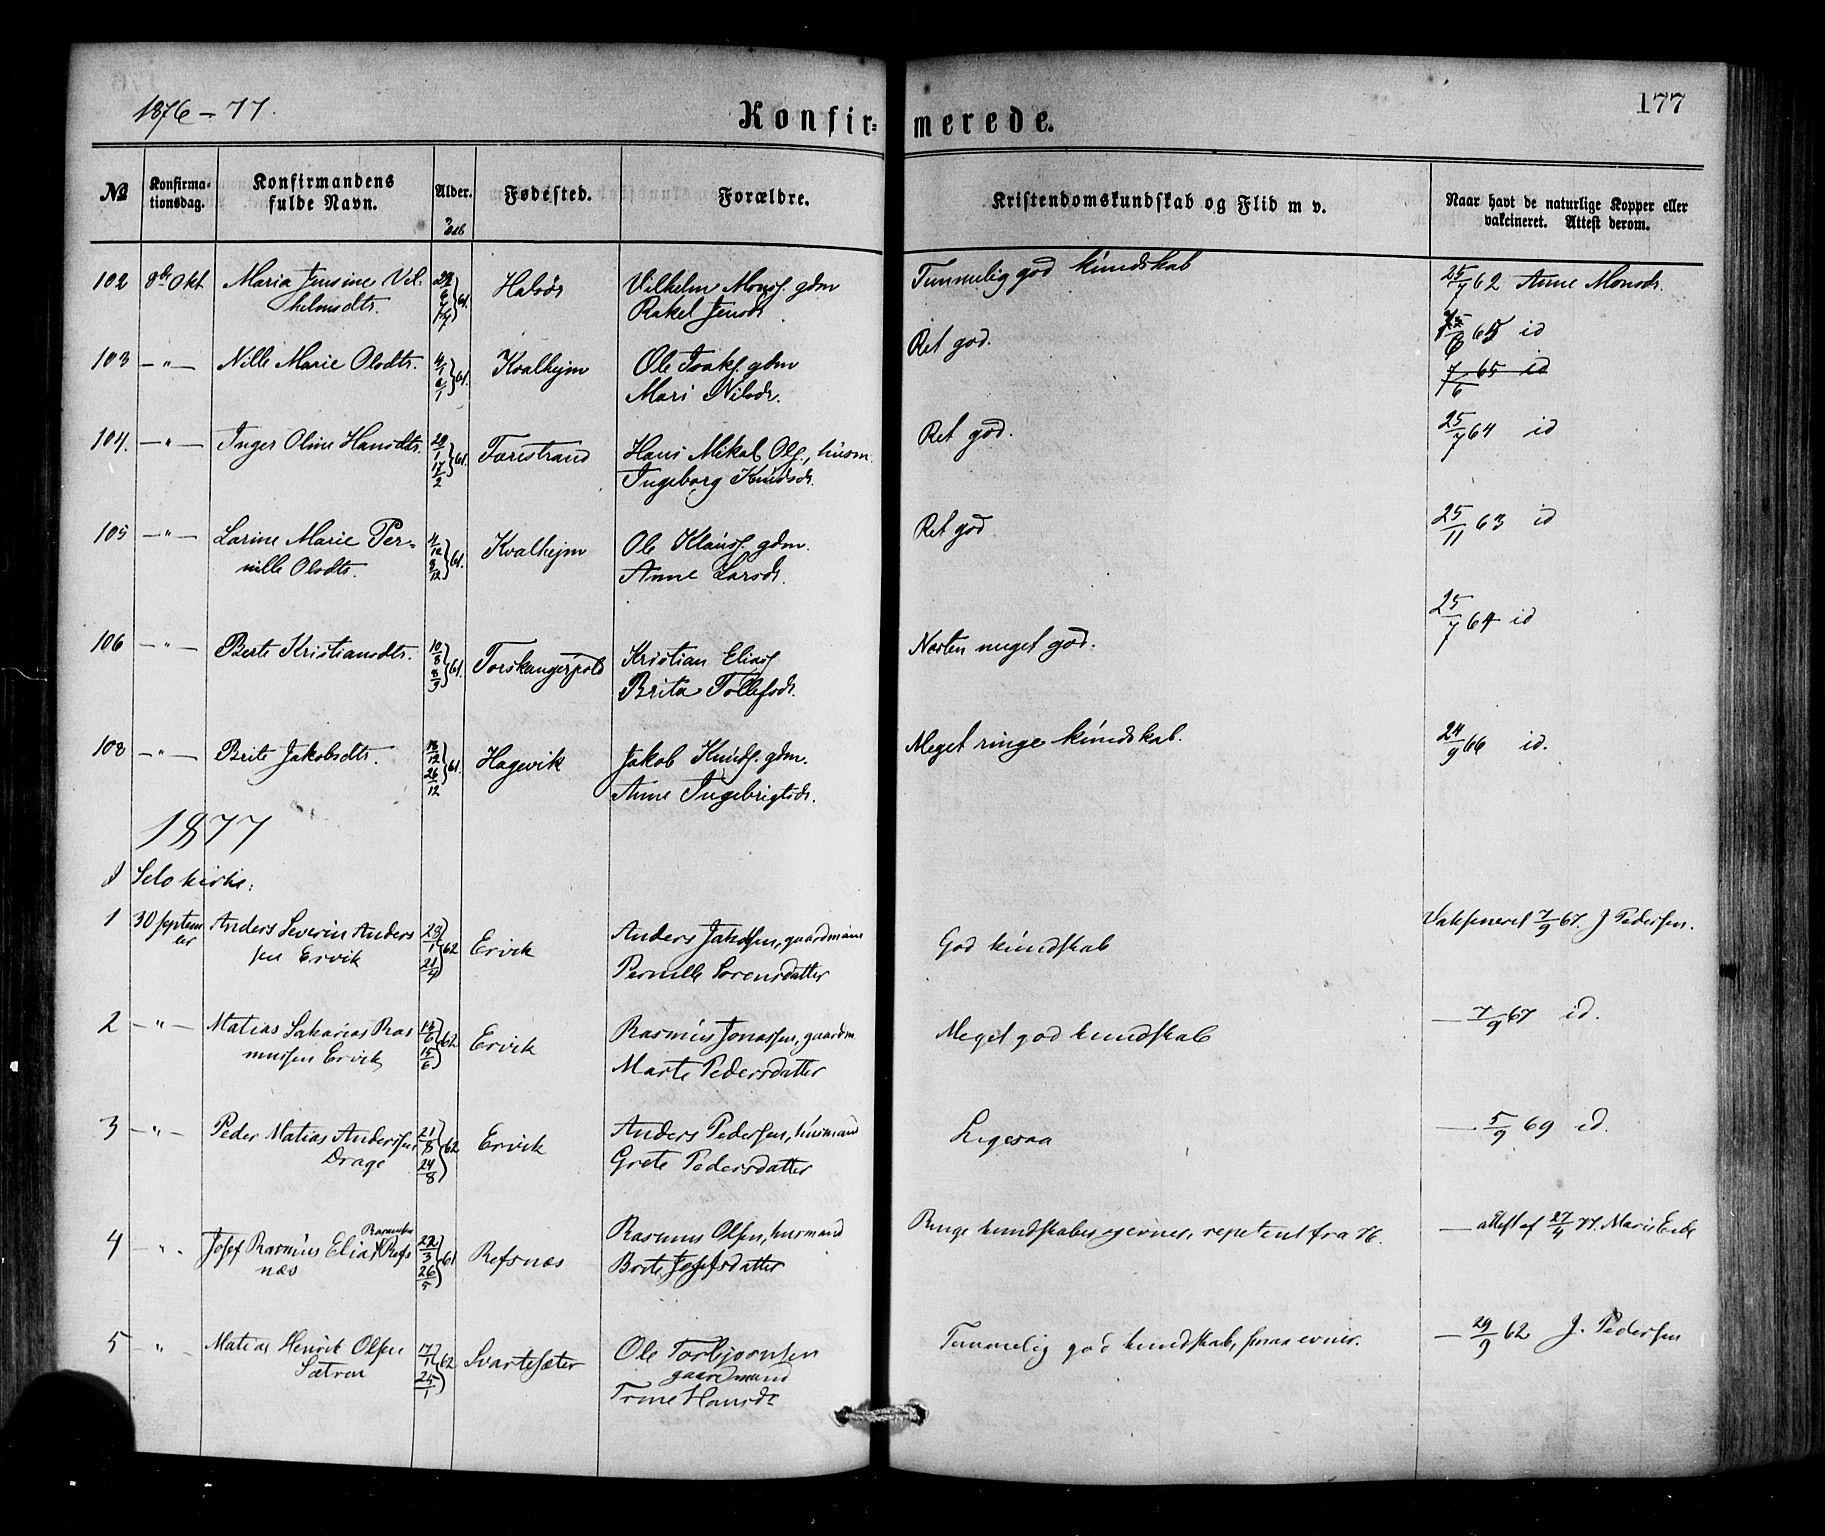 SAB, Selje sokneprestembete*, Ministerialbok nr. A 12, 1870-1880, s. 177